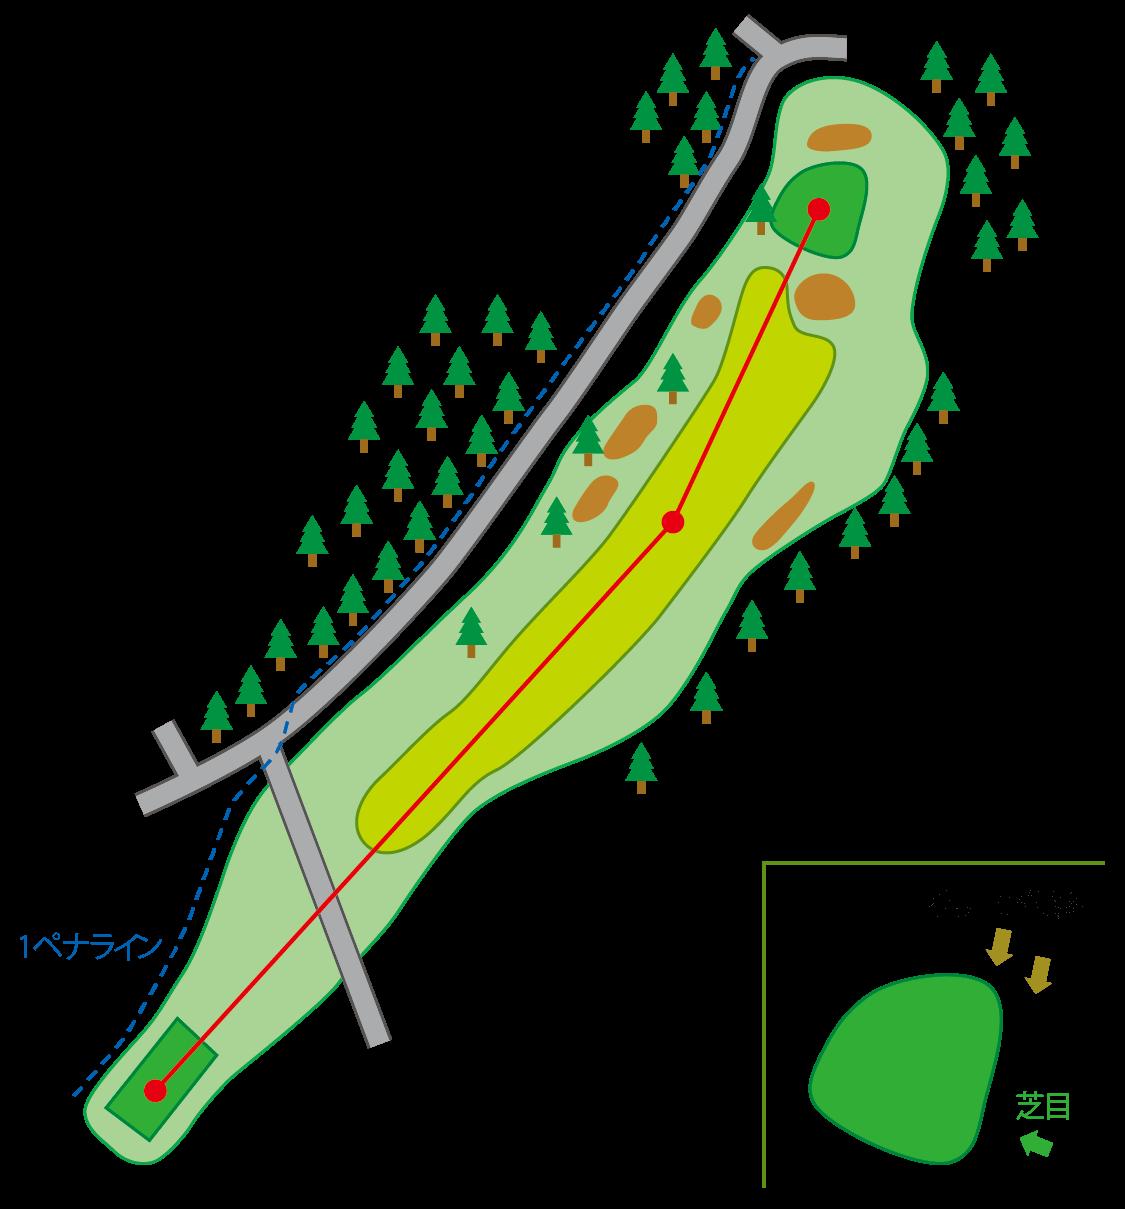 阿賀コース HOLE9のコースマップ